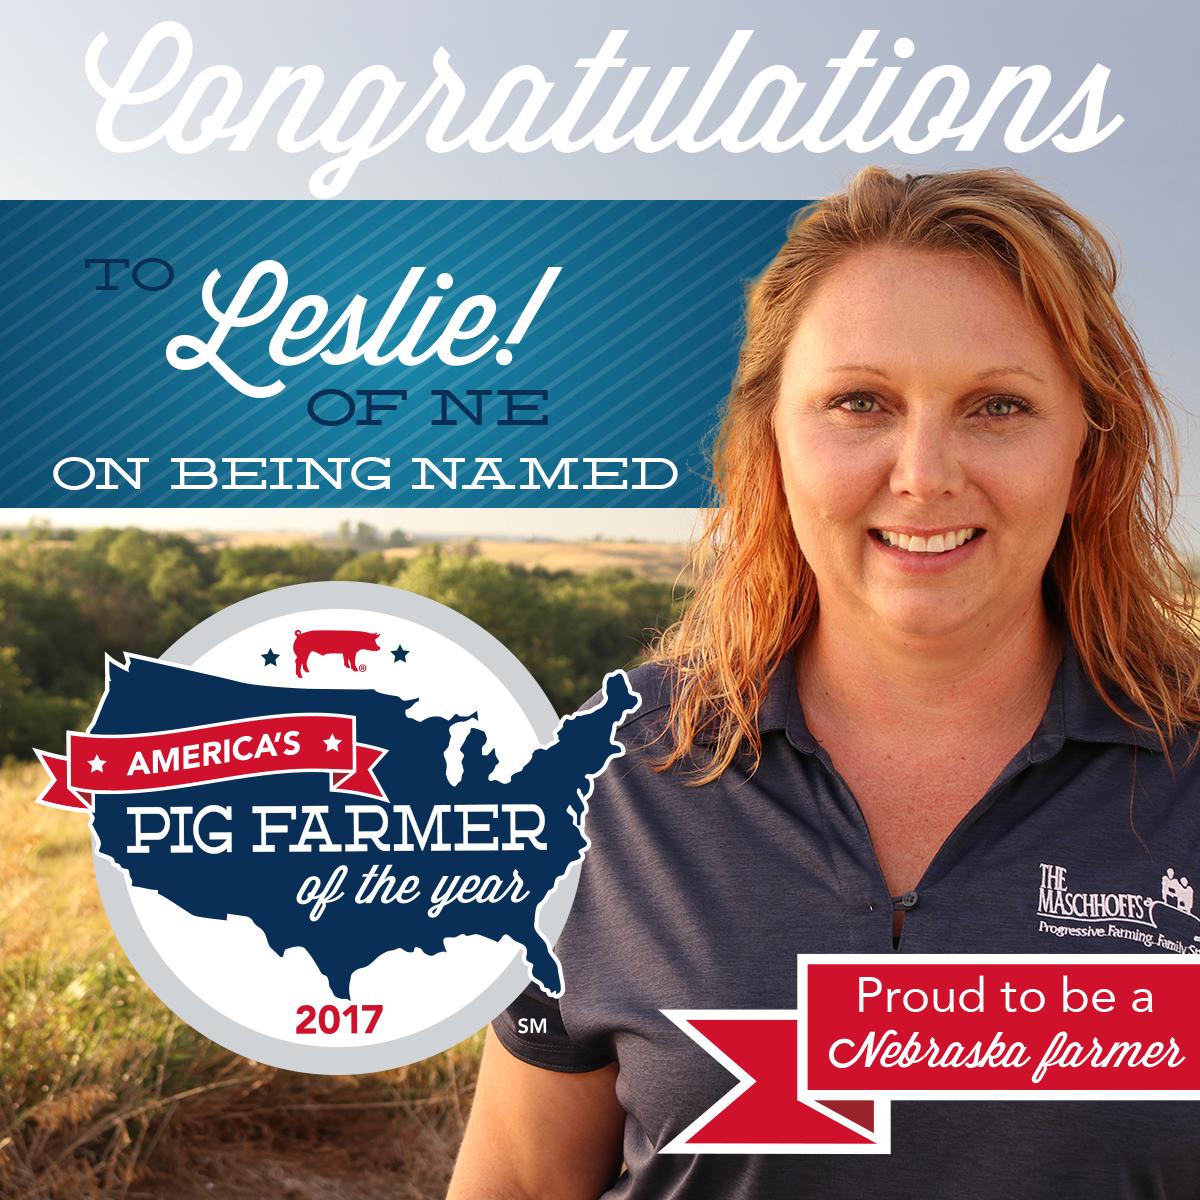 Steve greenberg irvine audit - Nebraska Farmer Named America S Pig Farmer Of The Year The National Pork Board Announced Today That Leslie Mccuiston A Pig Farmer From Columbus Nebraska